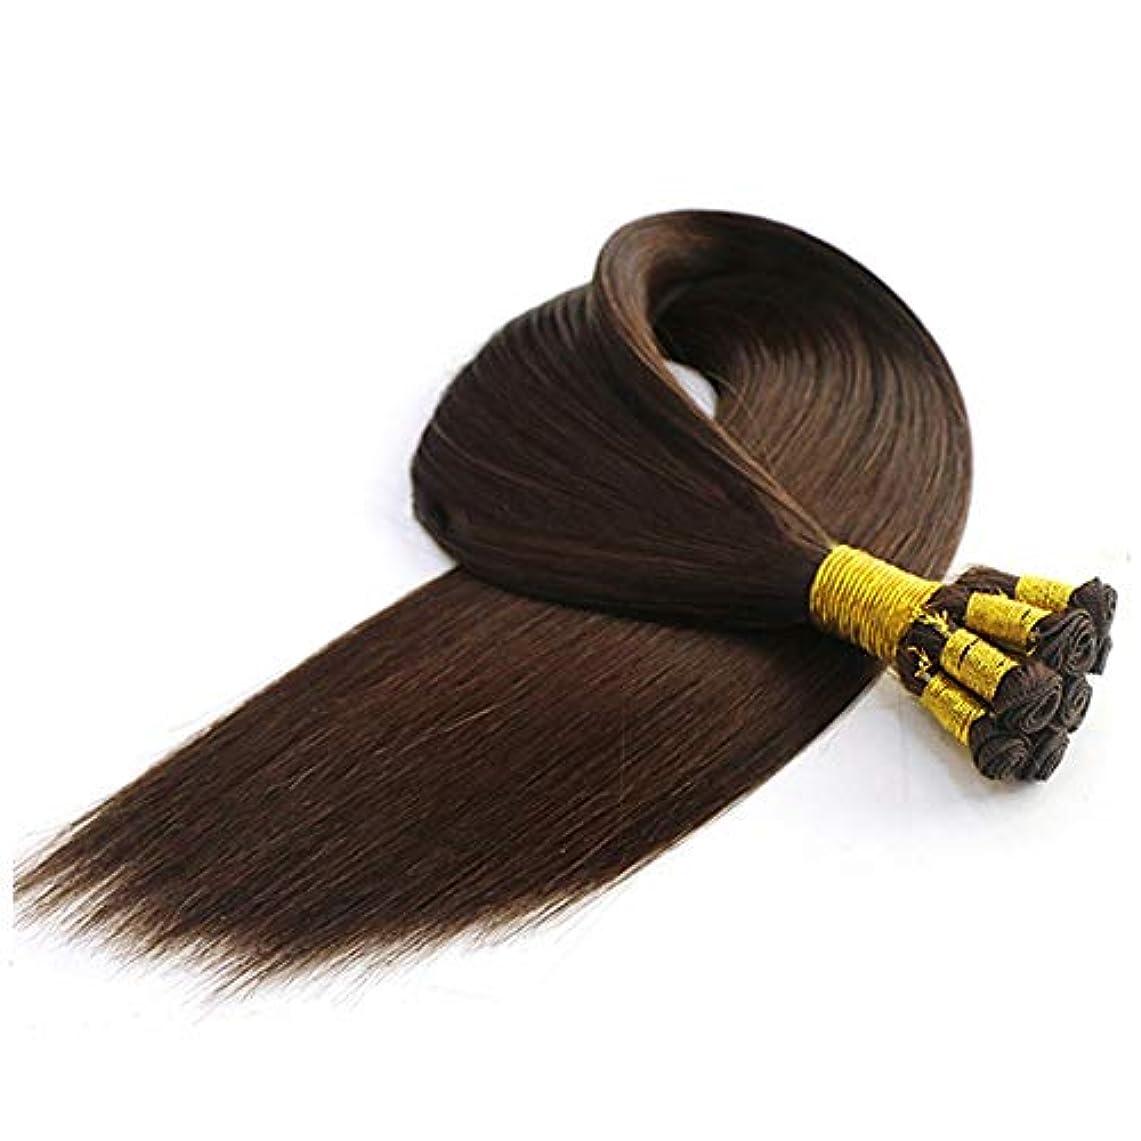 WASAIO ヘアエクステンションクリップUnseamed髪型マイクロナノリングSluttishループマイクロビーズ人間の20インチブラウン色 (色 : ブラウン, サイズ : 28 inch)